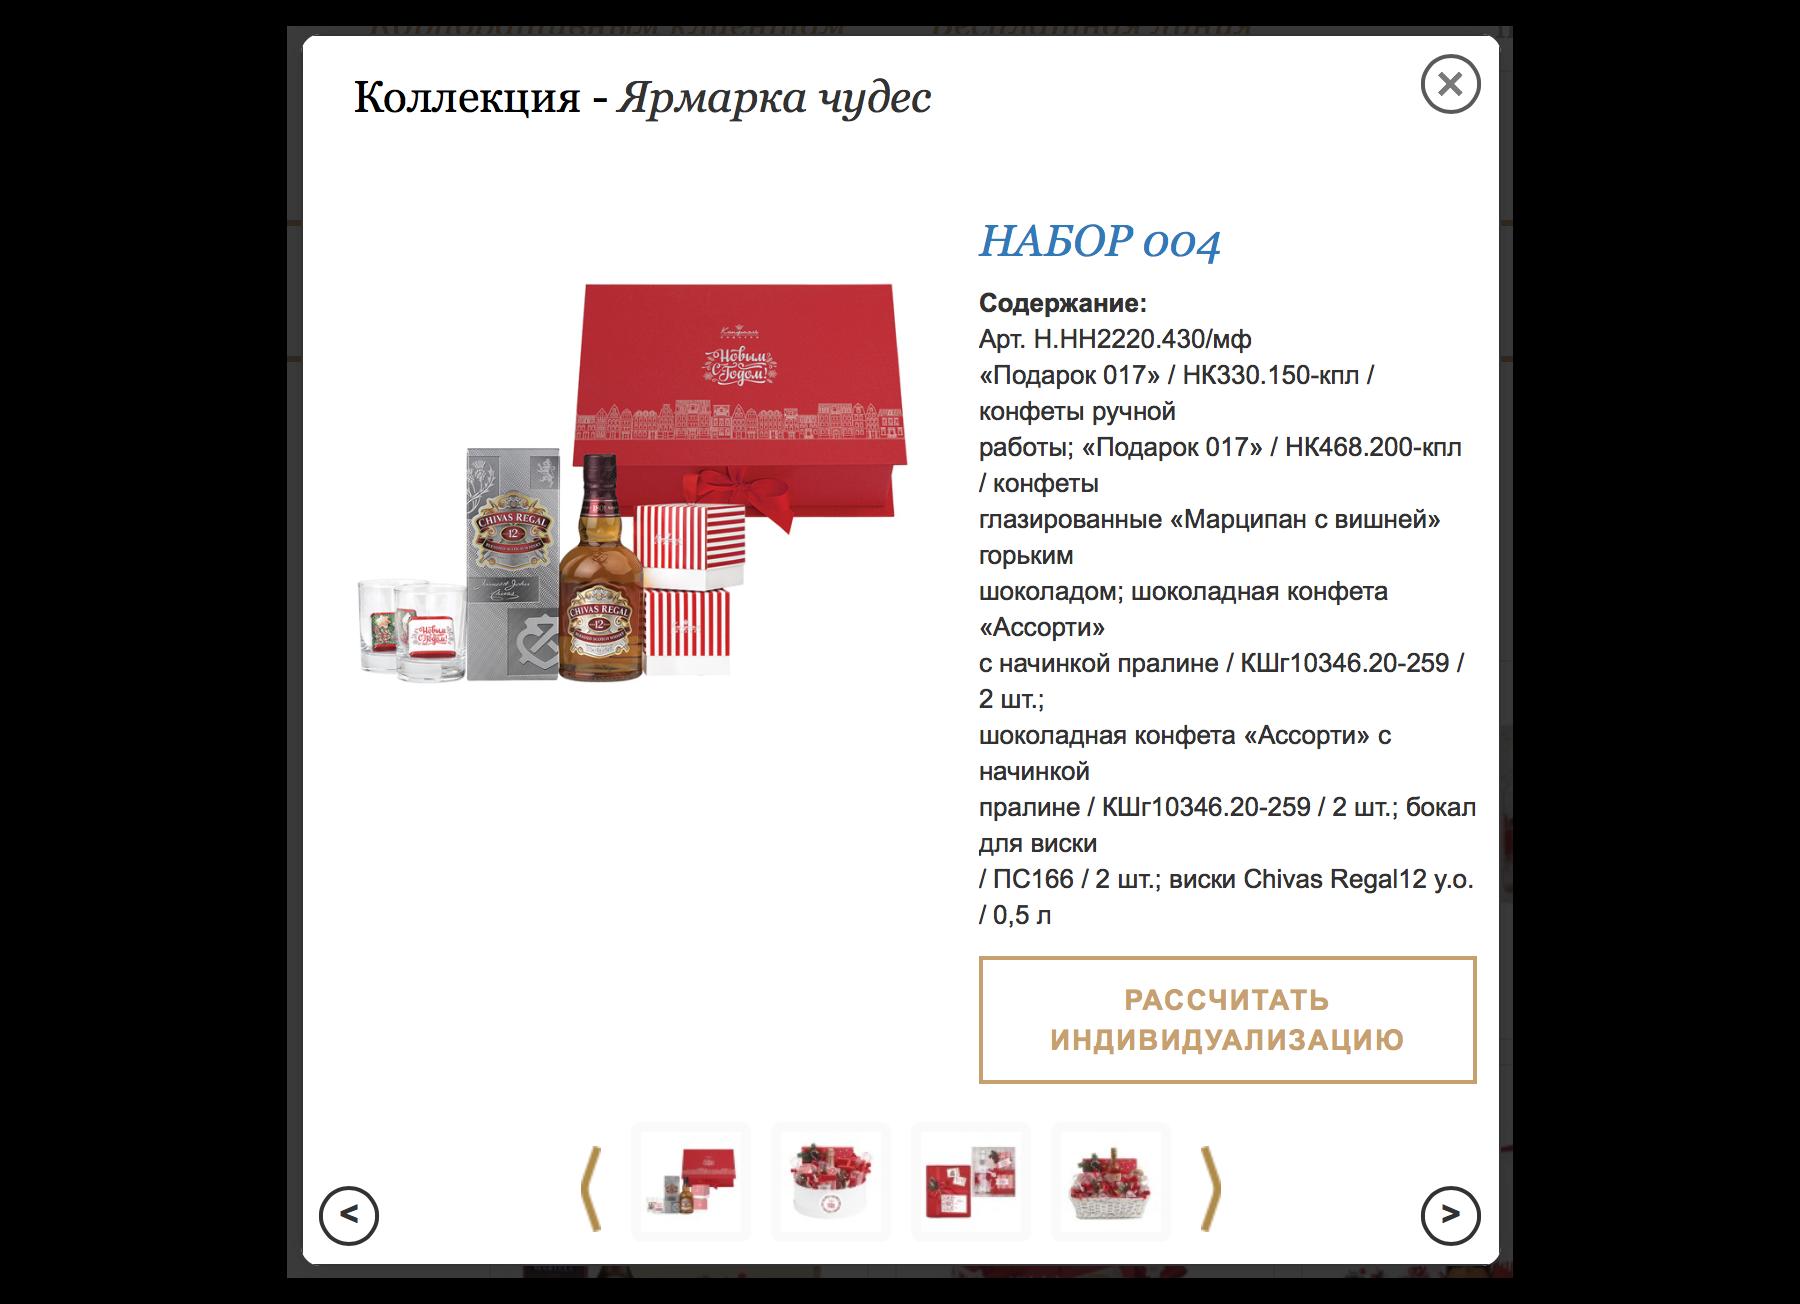 Экспресс-аудит сайтов компании «Конфаэль» 2